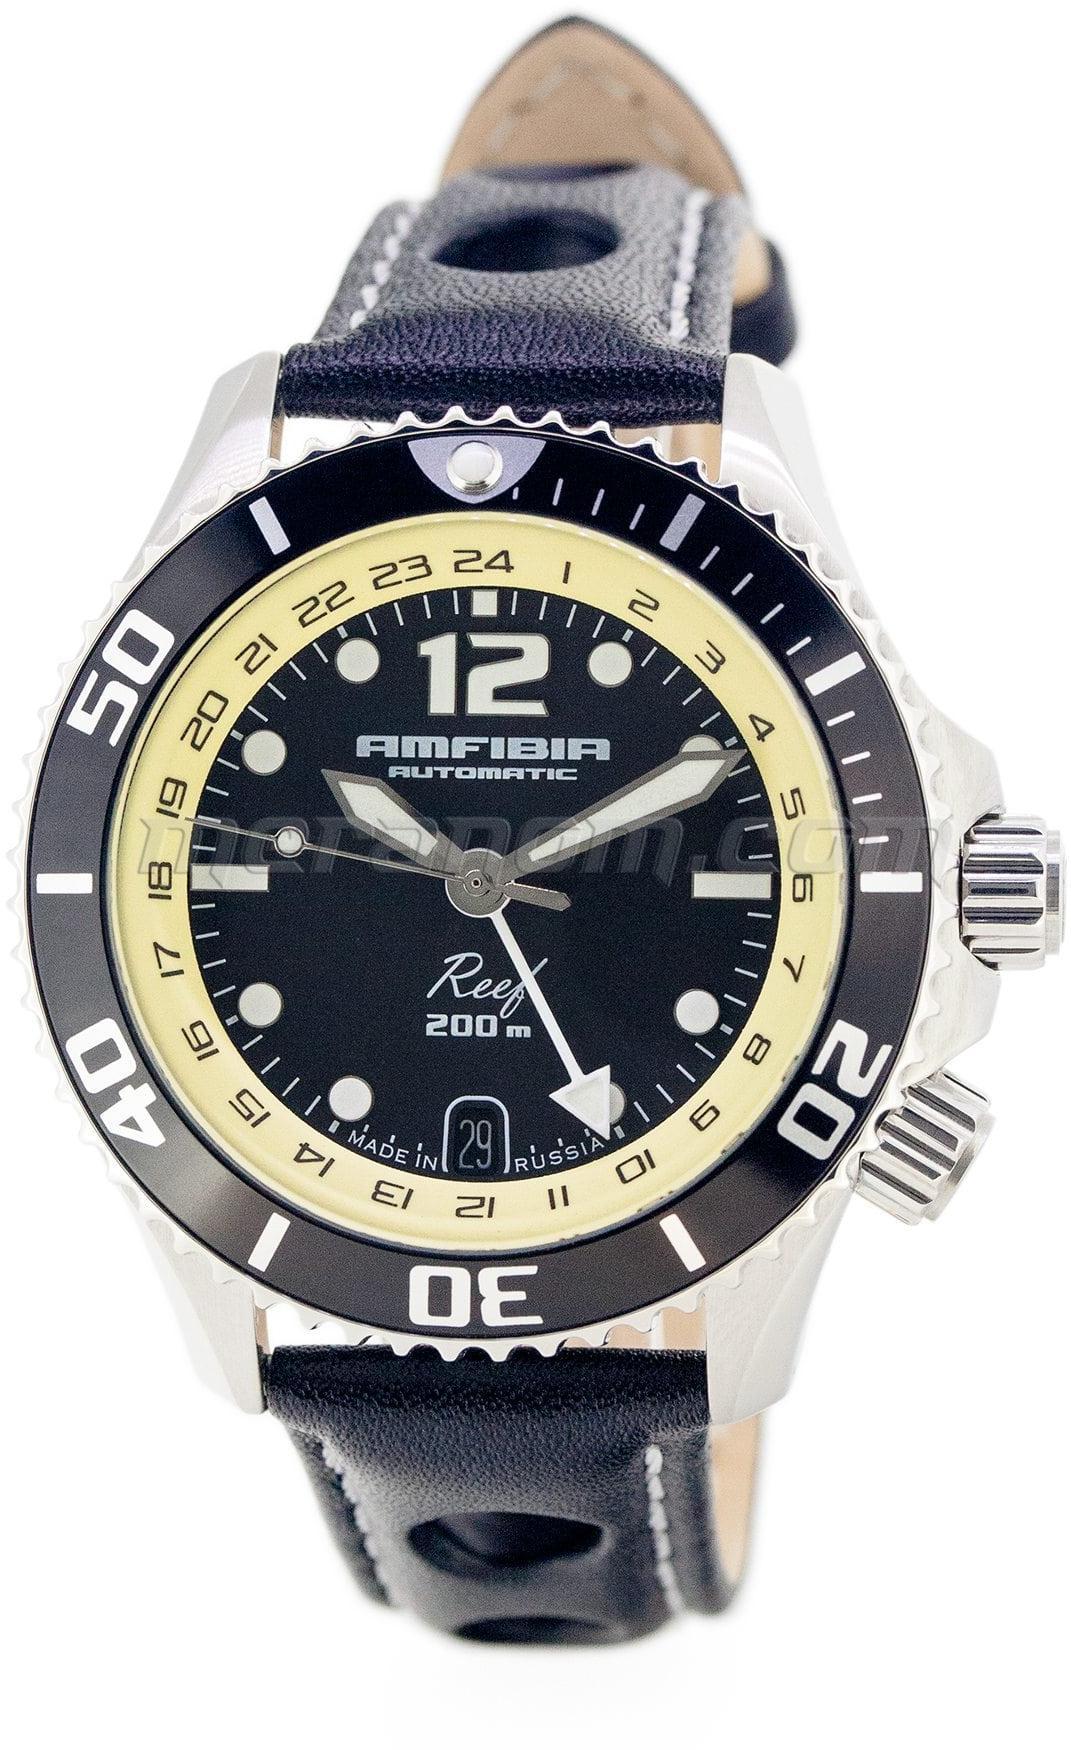 Амфибия продать наручные часы продают в часы ломбарде